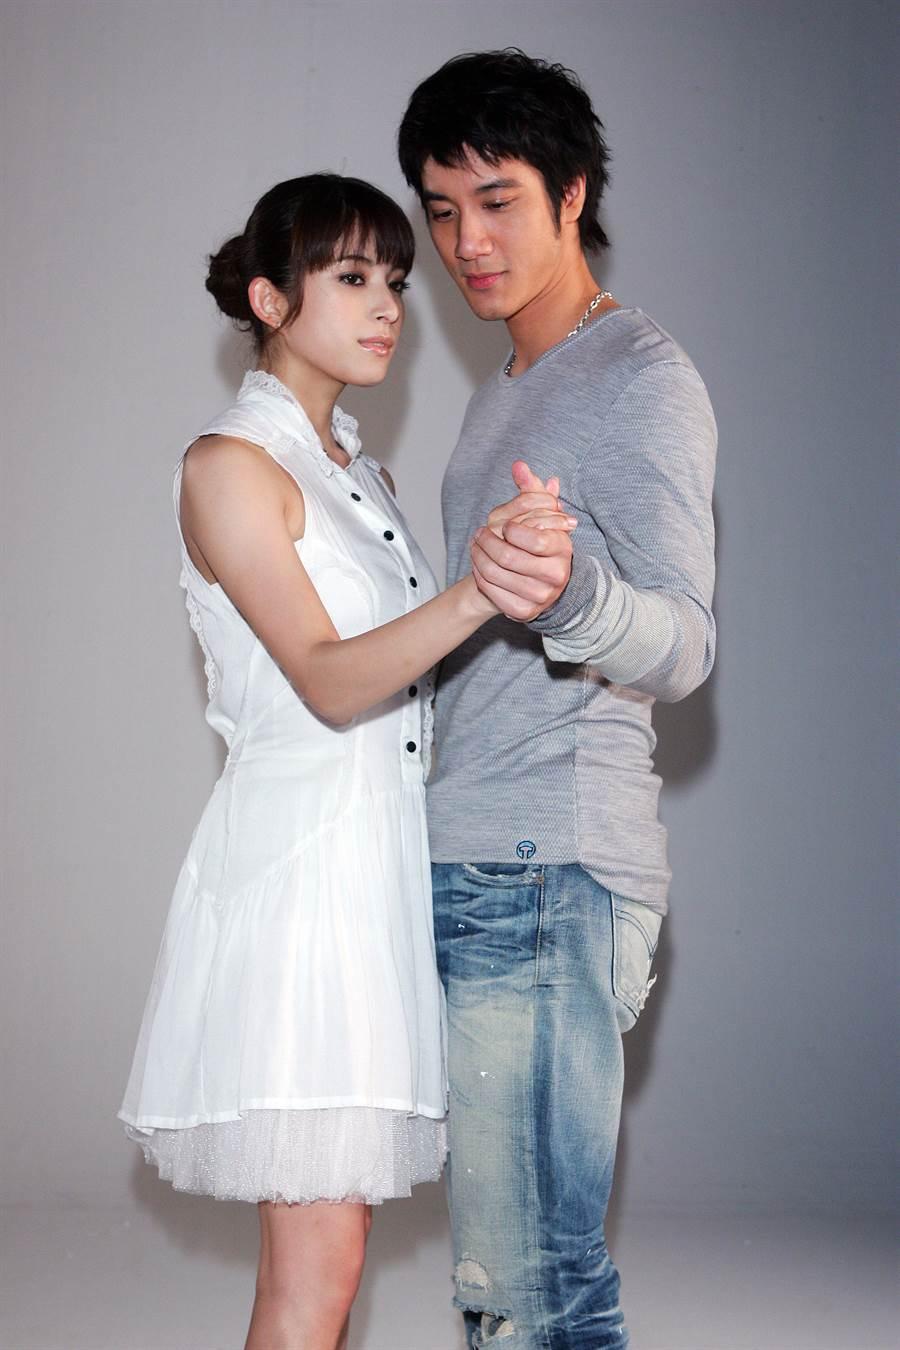 上原多香子的美连王力宏也惊豔,力邀在《心跳》MV担任女主角。(本报系资料照)